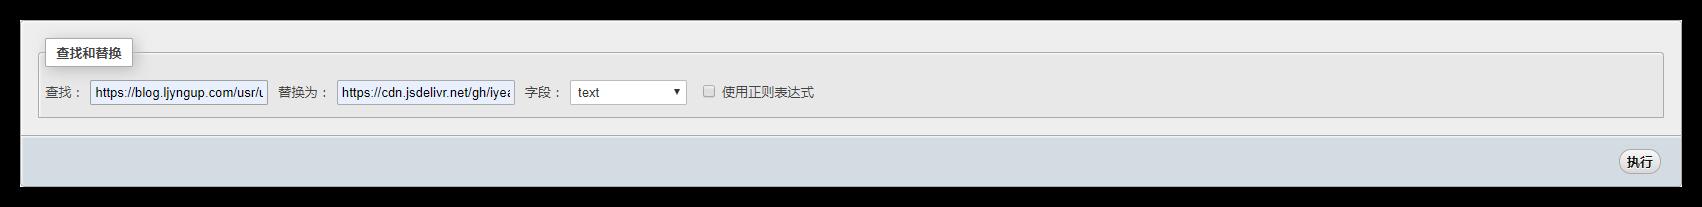 修改typecho_contents图片链接